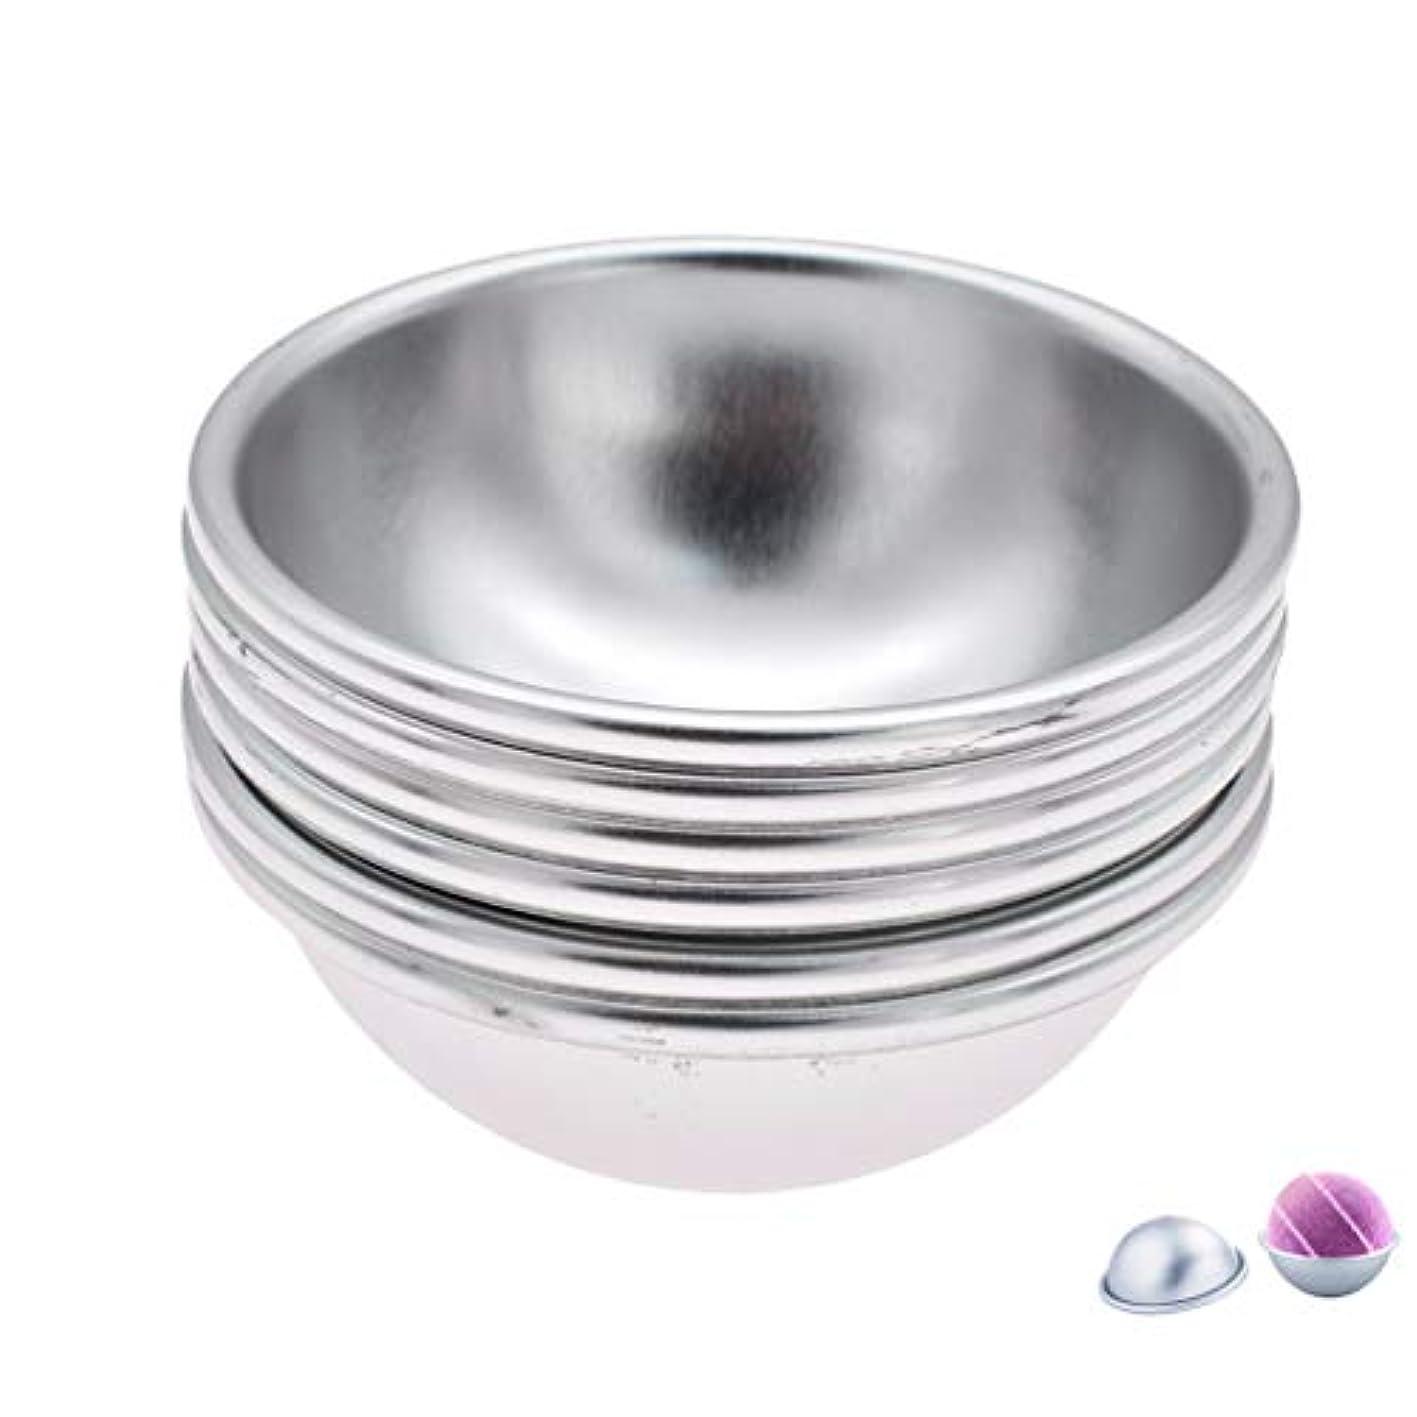 インペリアルスキャンみぞれ(ライチ) Lychee 6個セット バスボム型 石鹸製造ツールセット 円形金型 DIYソープ ハンドメイド 食品にも使用可 ケーキ型 お菓子型